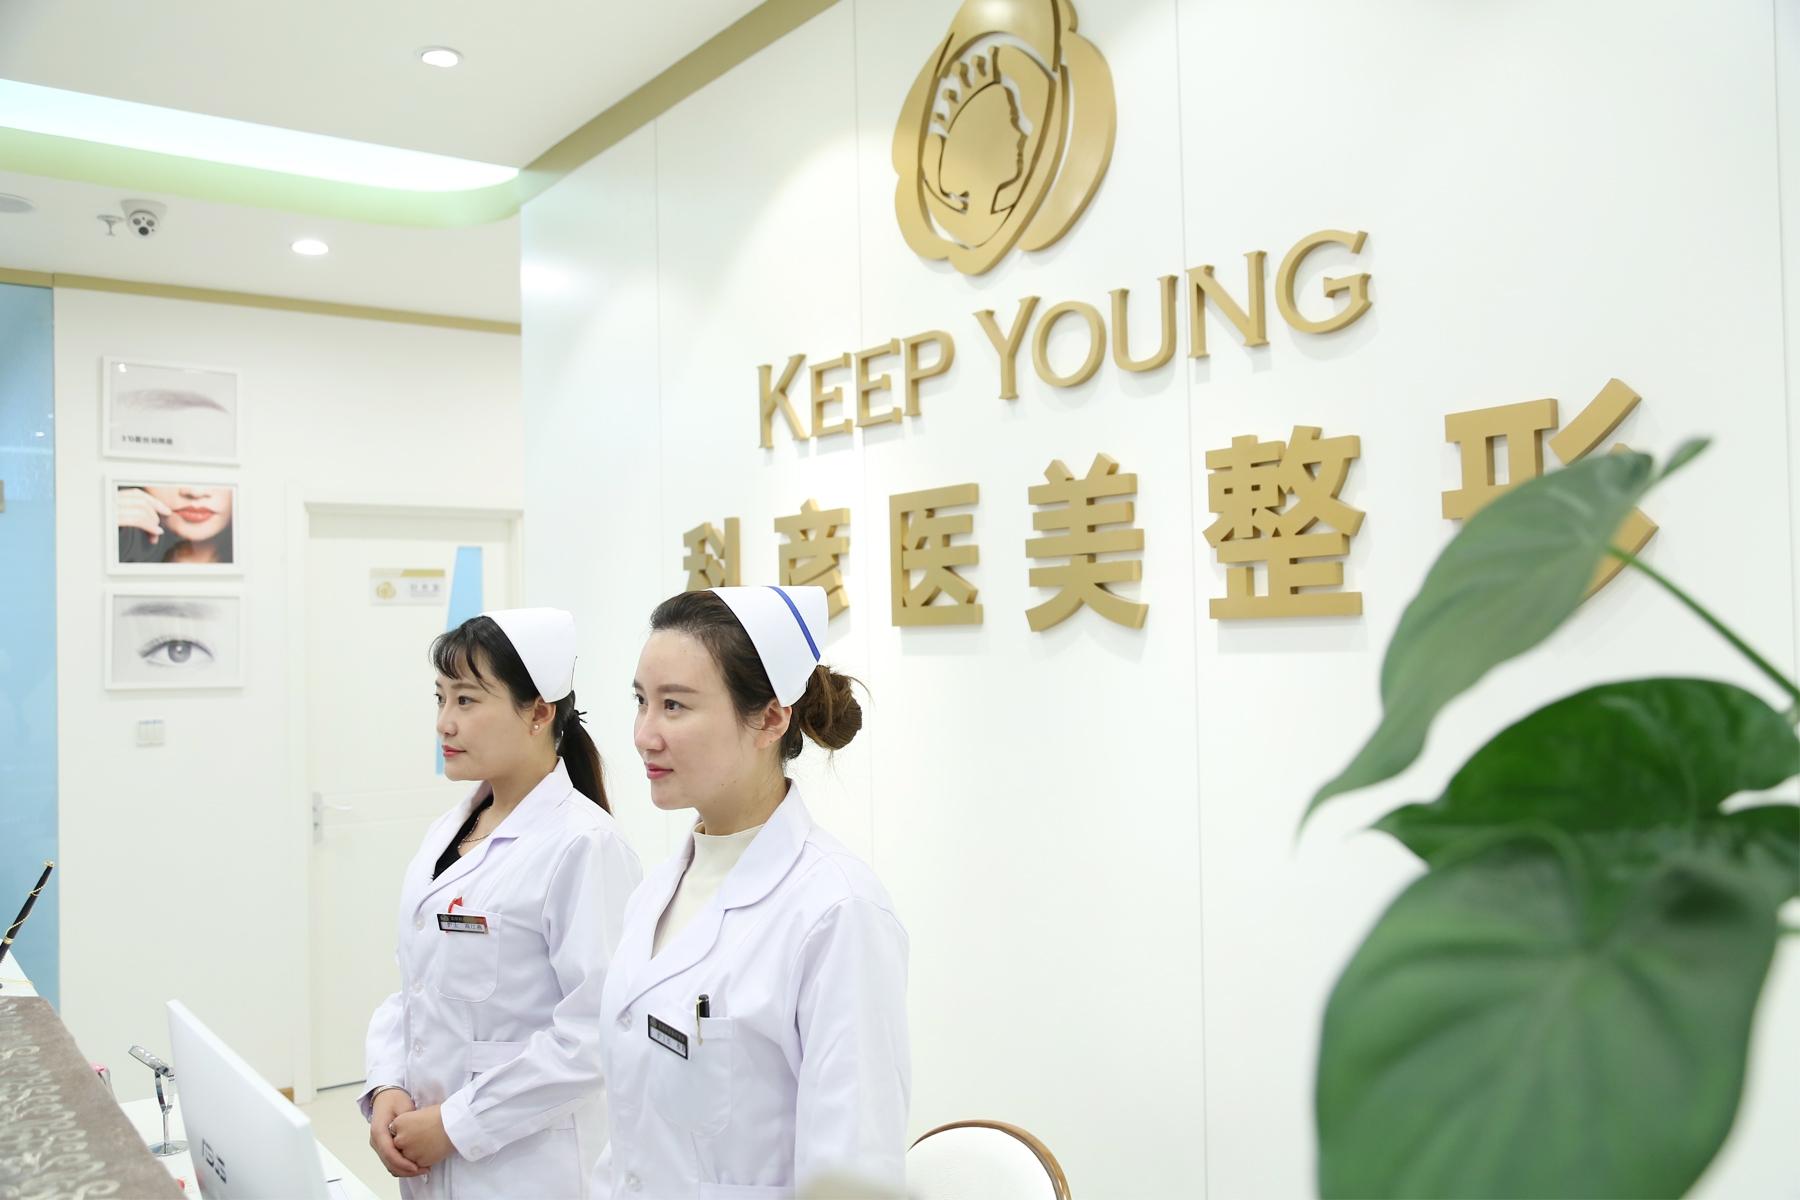 北京科彦医疗美容诊所环境图4